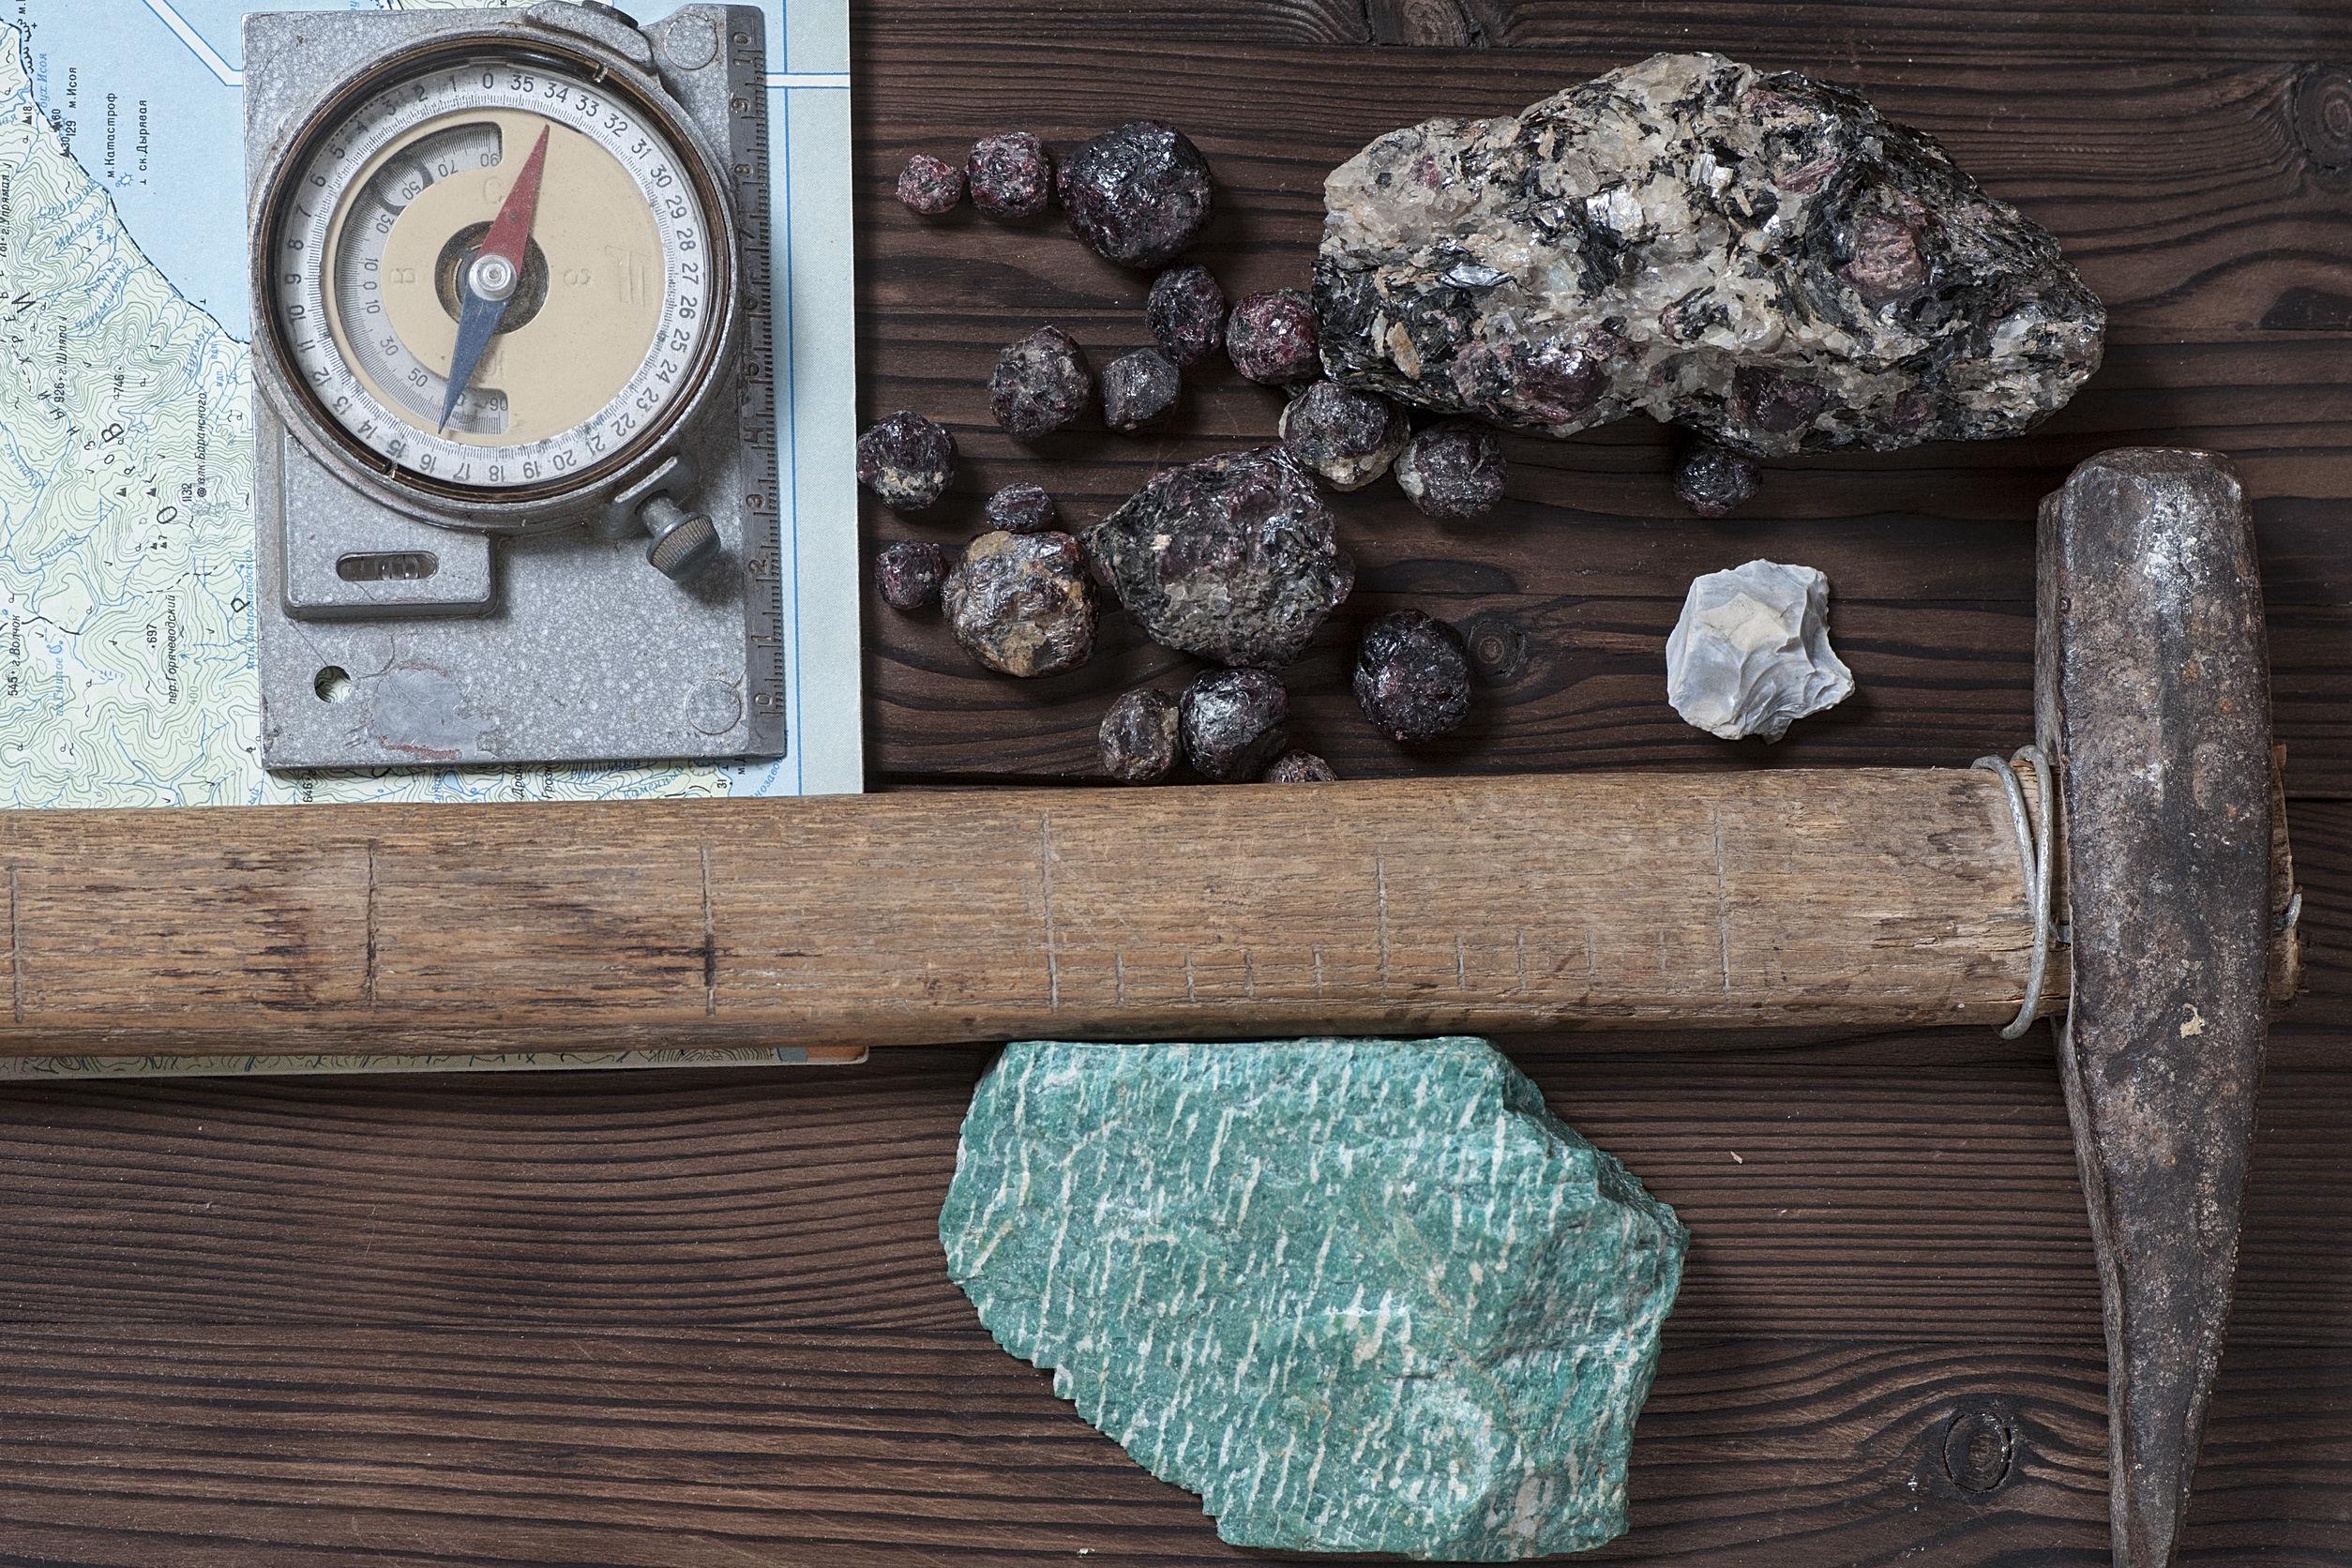 Geologenhammer